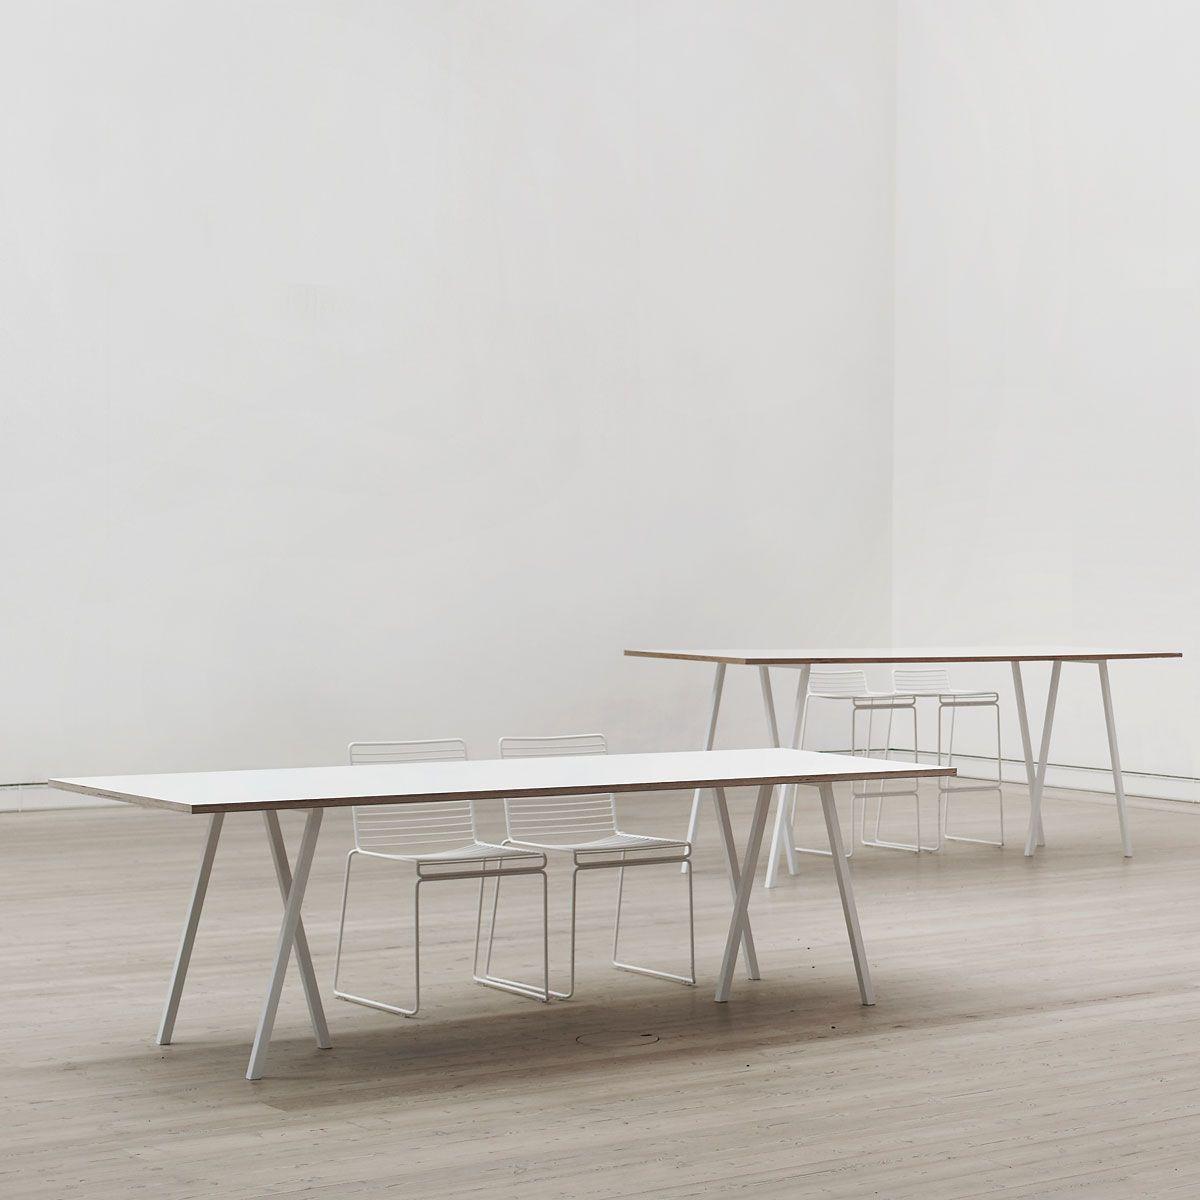 Hay - Loop Stand Tisch, 200, schwarz | Stehen, Schöne möbel und Pimp